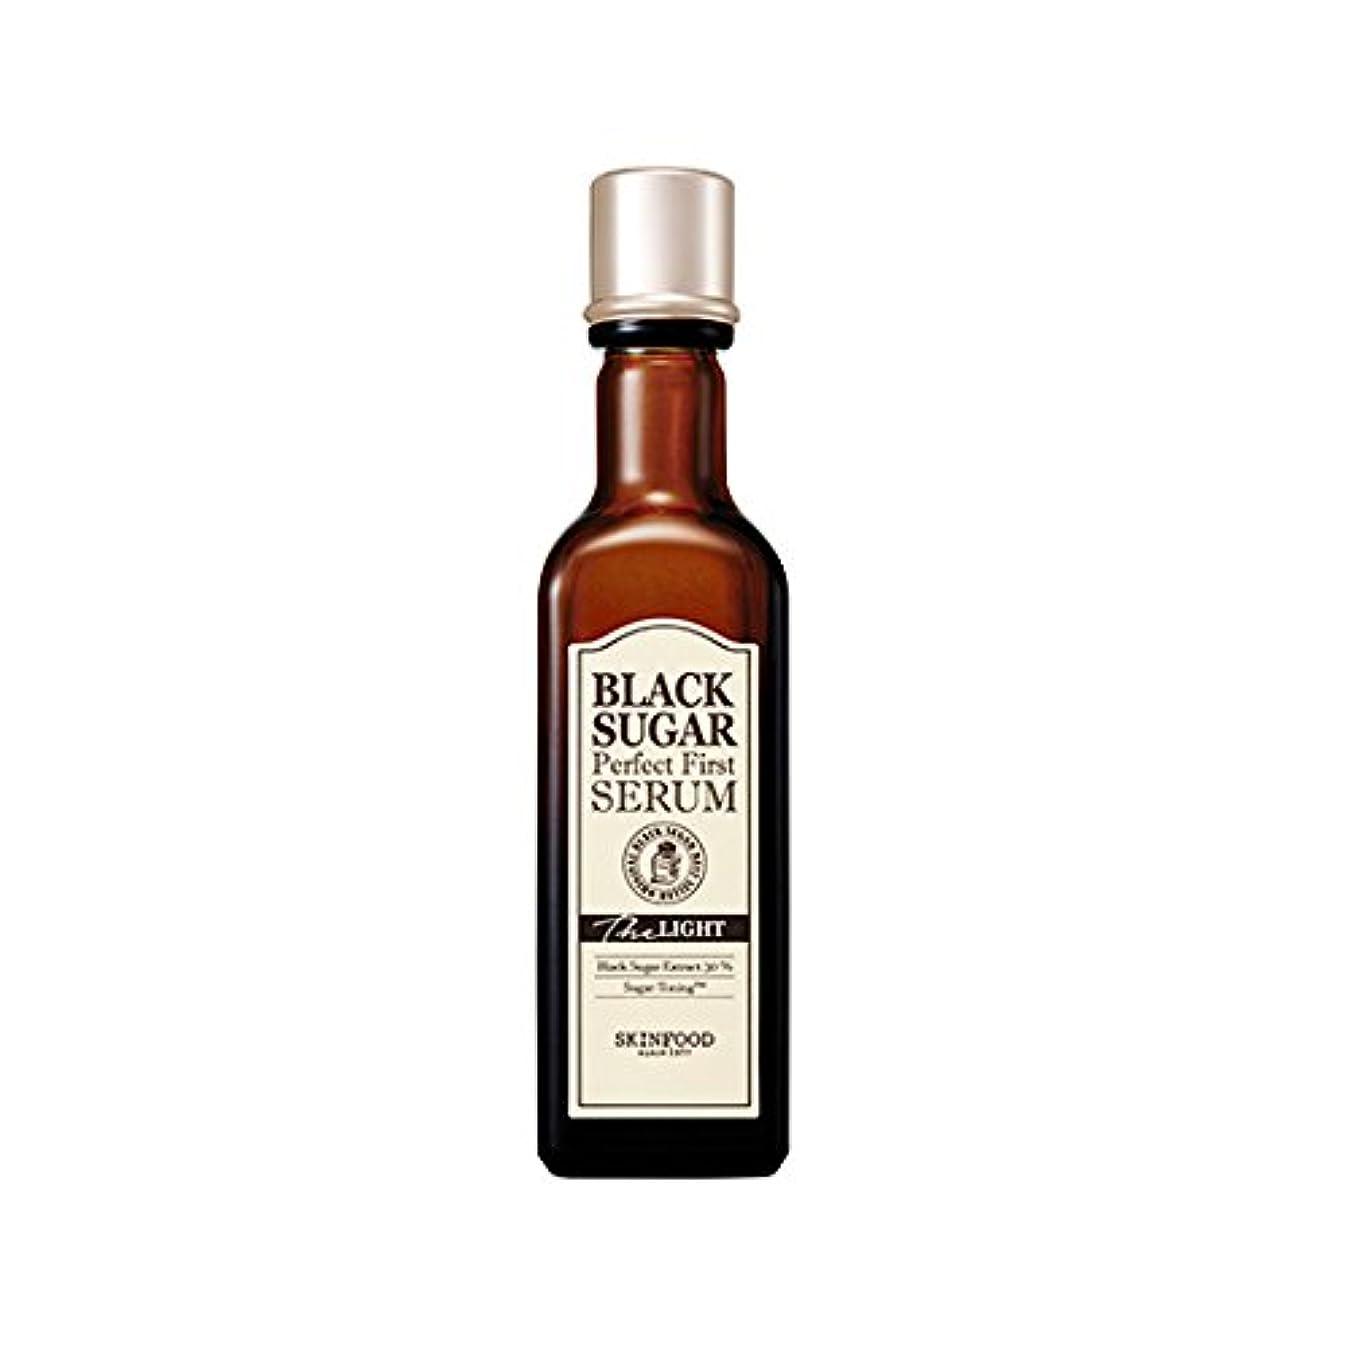 スリーブ知覚的と闘うSkinfood black sugar perfect first serum the light/黒糖完全最初血清ライト/120ml + 60? [並行輸入品]